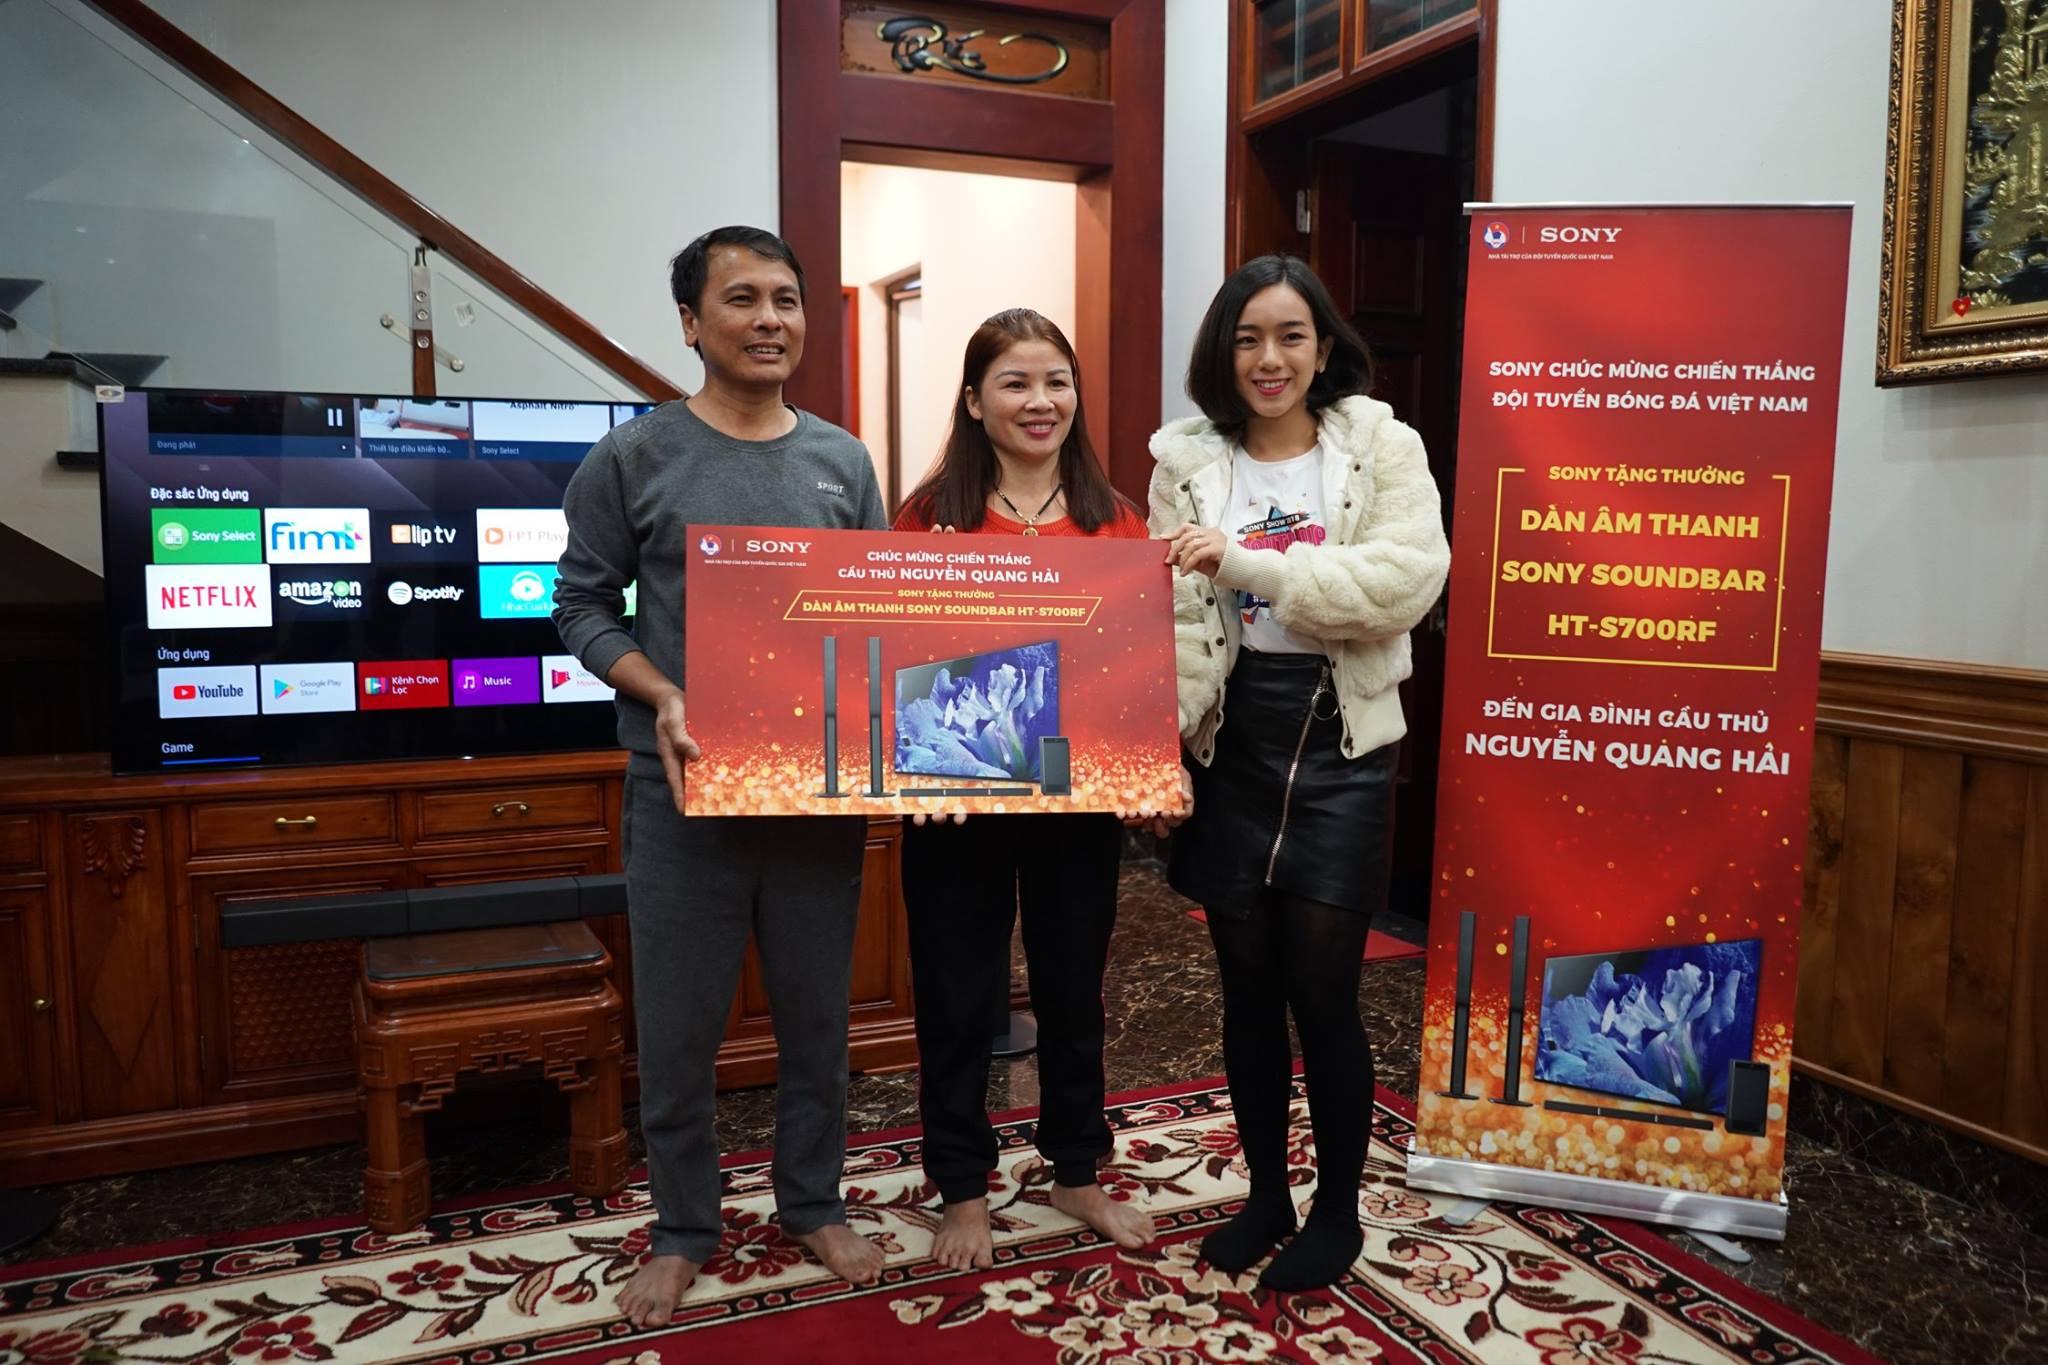 Tặng Quà cho Gia đình Nguyễn Quang Hải